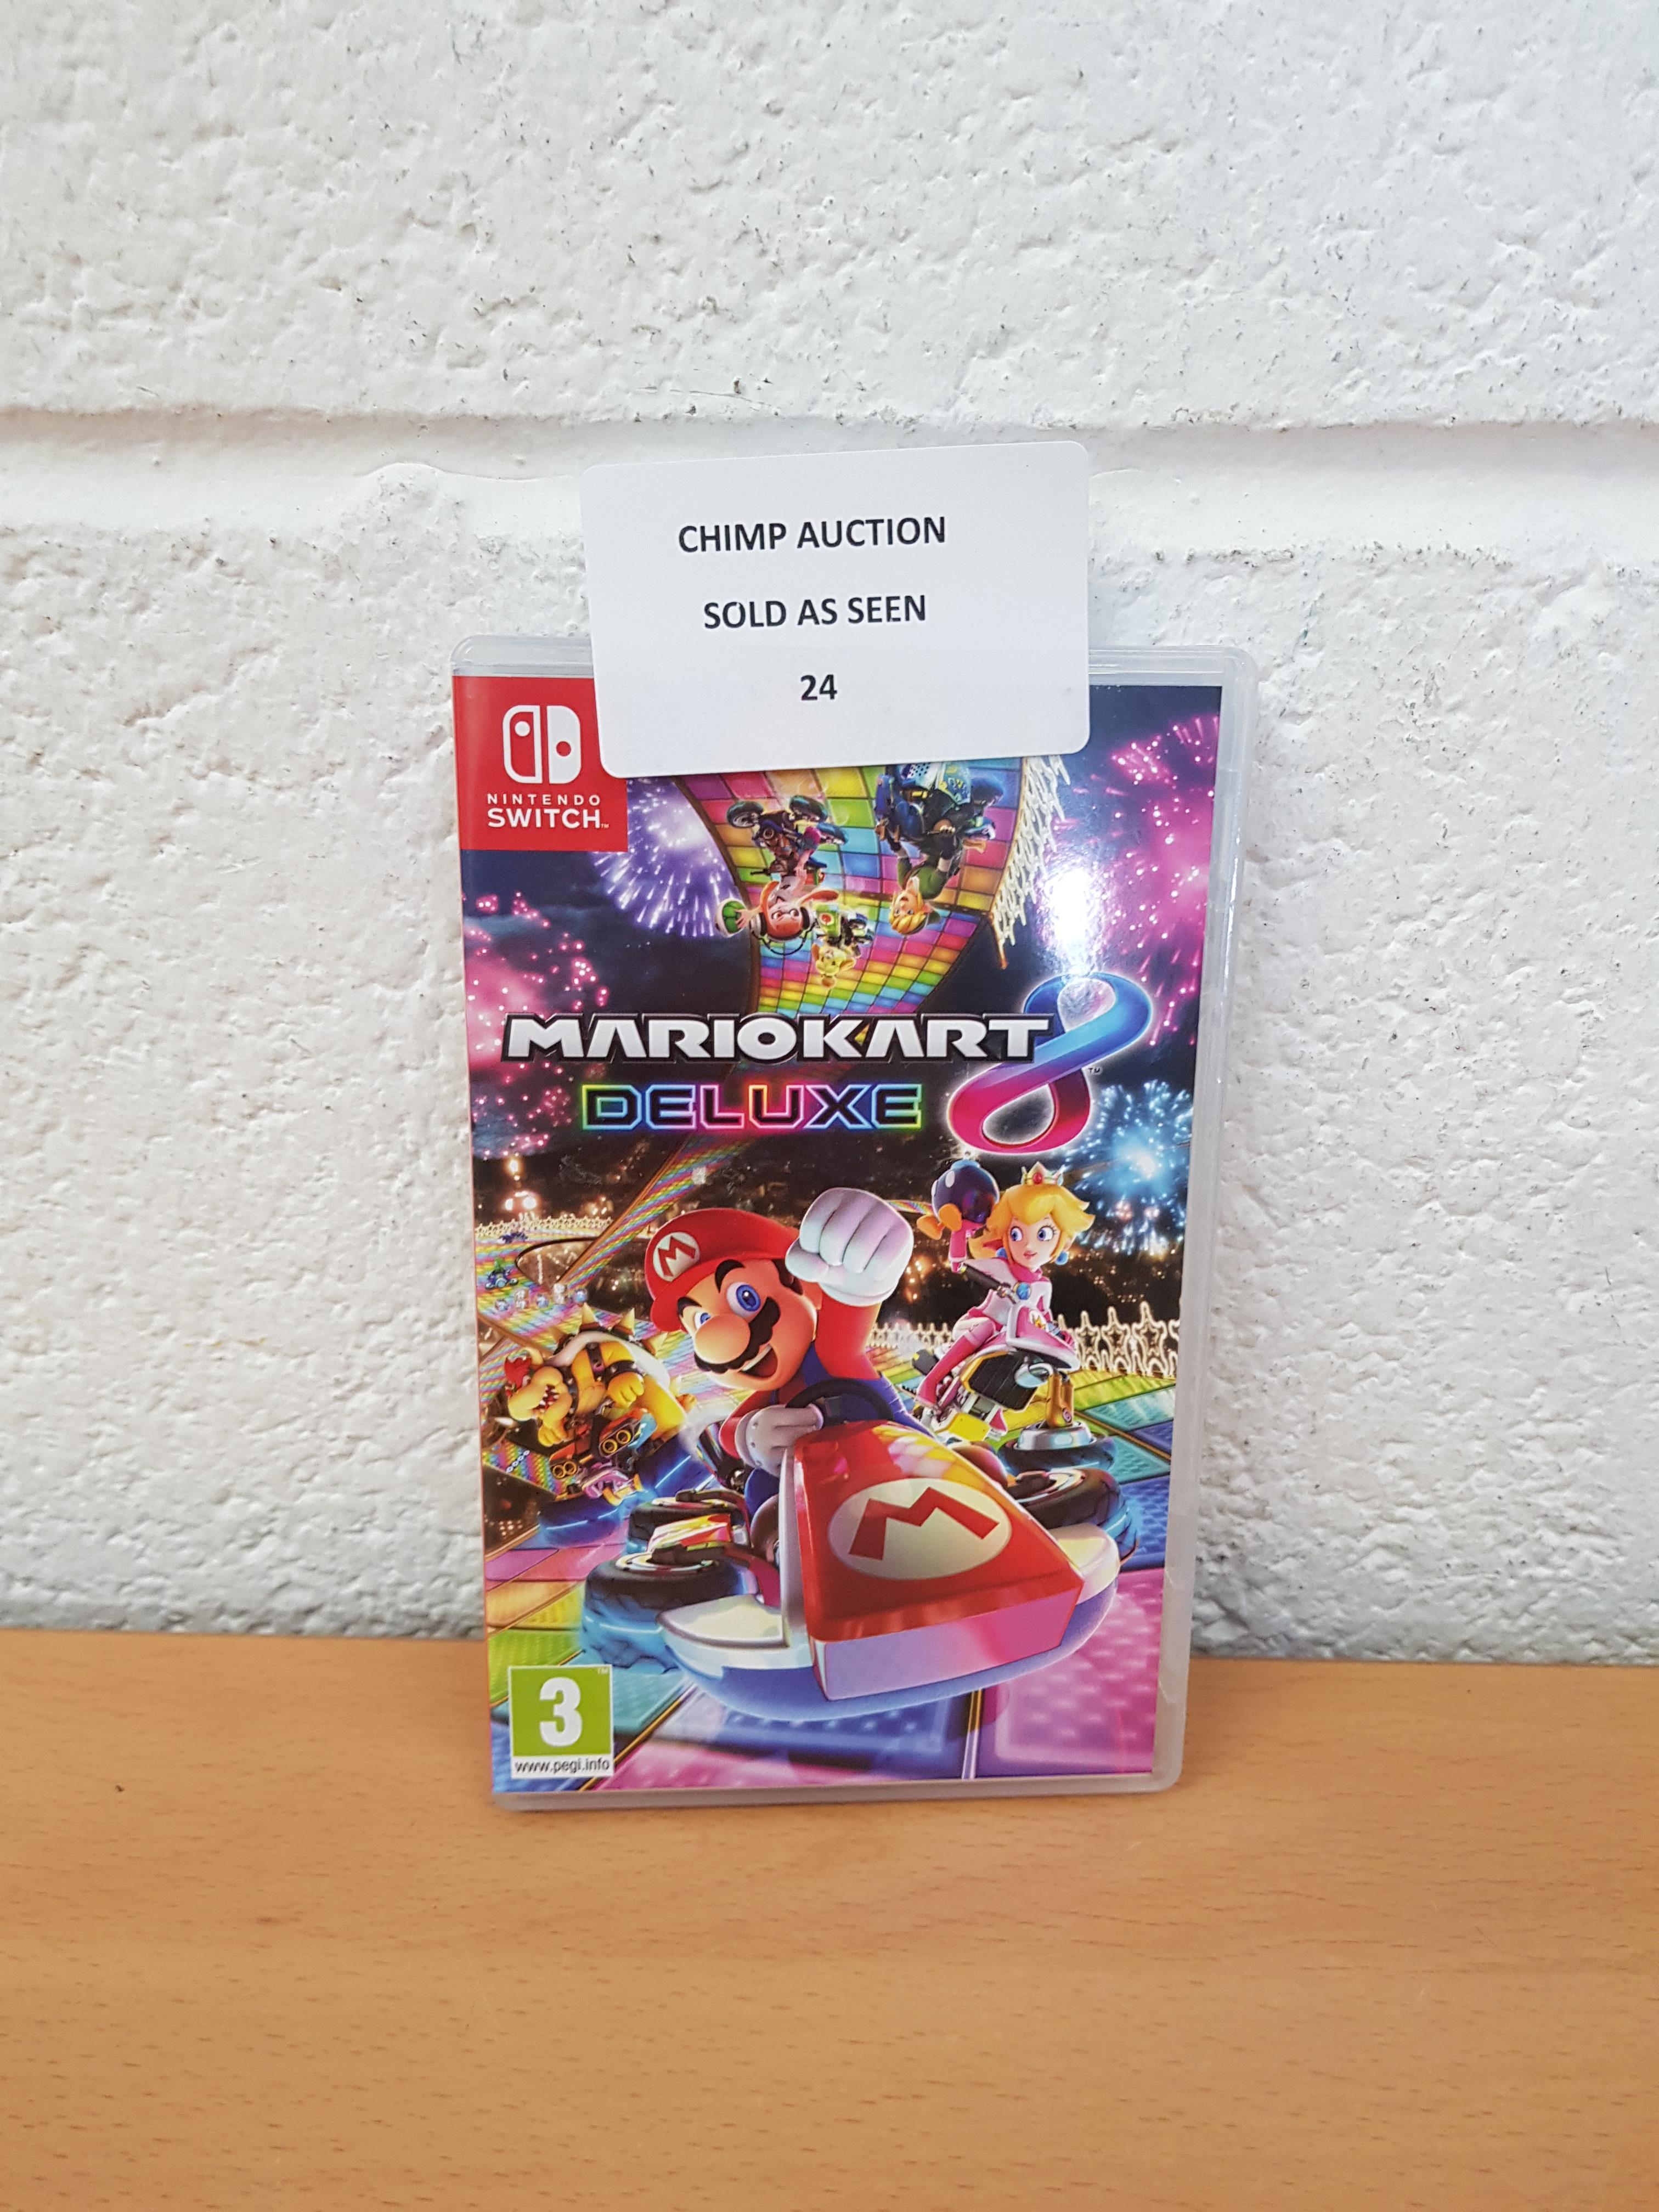 Lot 24 - Mario Kart 8 Deluxe Nintendo Switch RRP £54.99